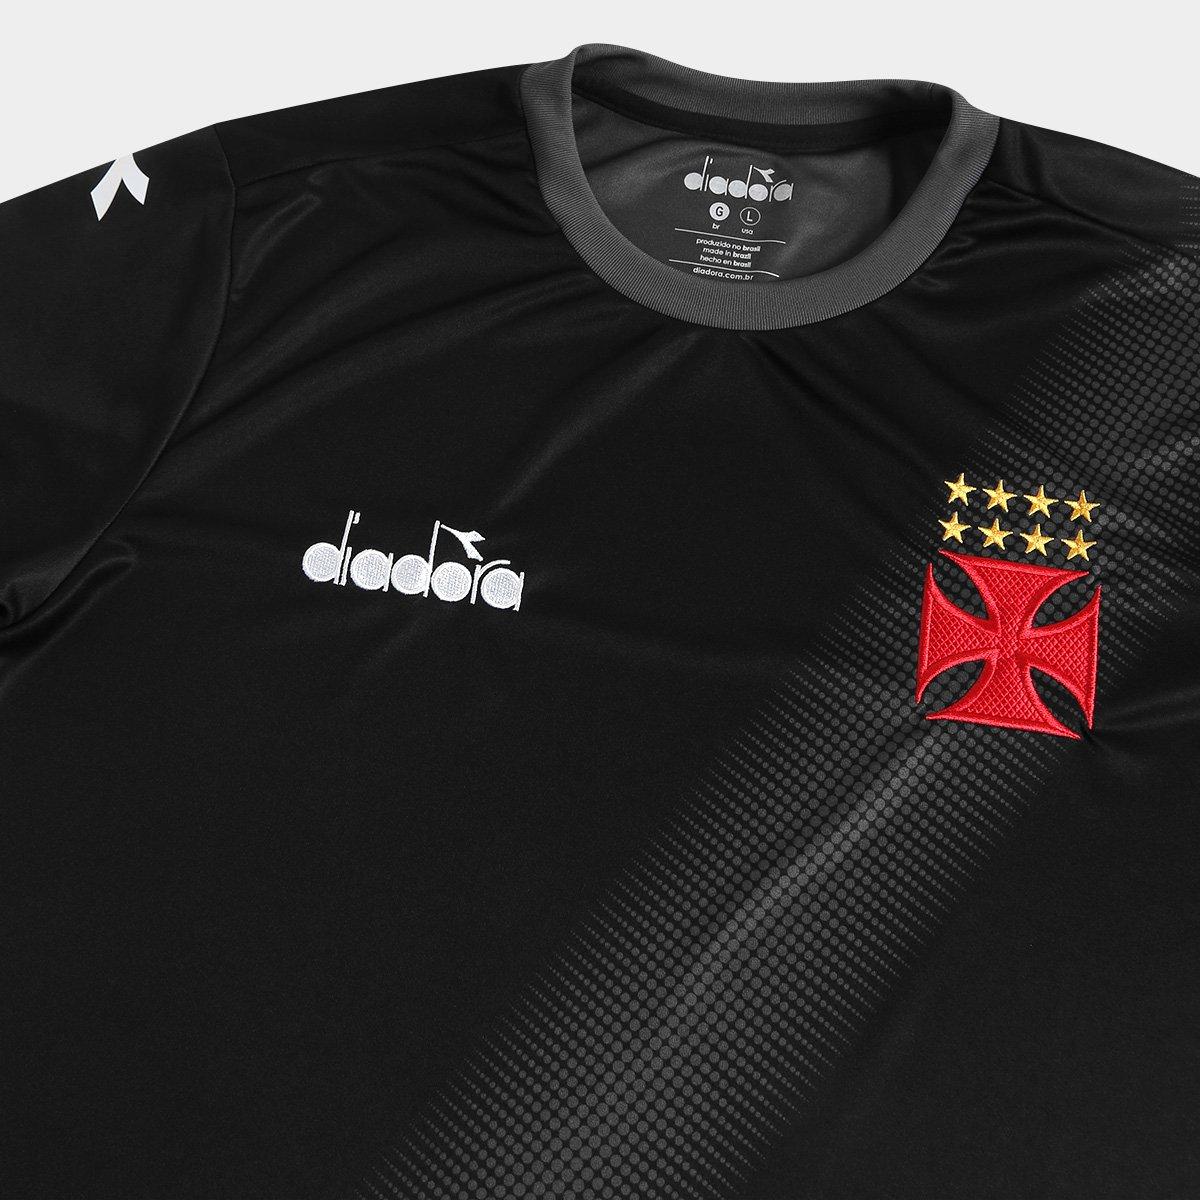 c2c583d79d Camisa Vasco Aquecimento 2018 Diadora Masculina - Tam: M - Shopping ...